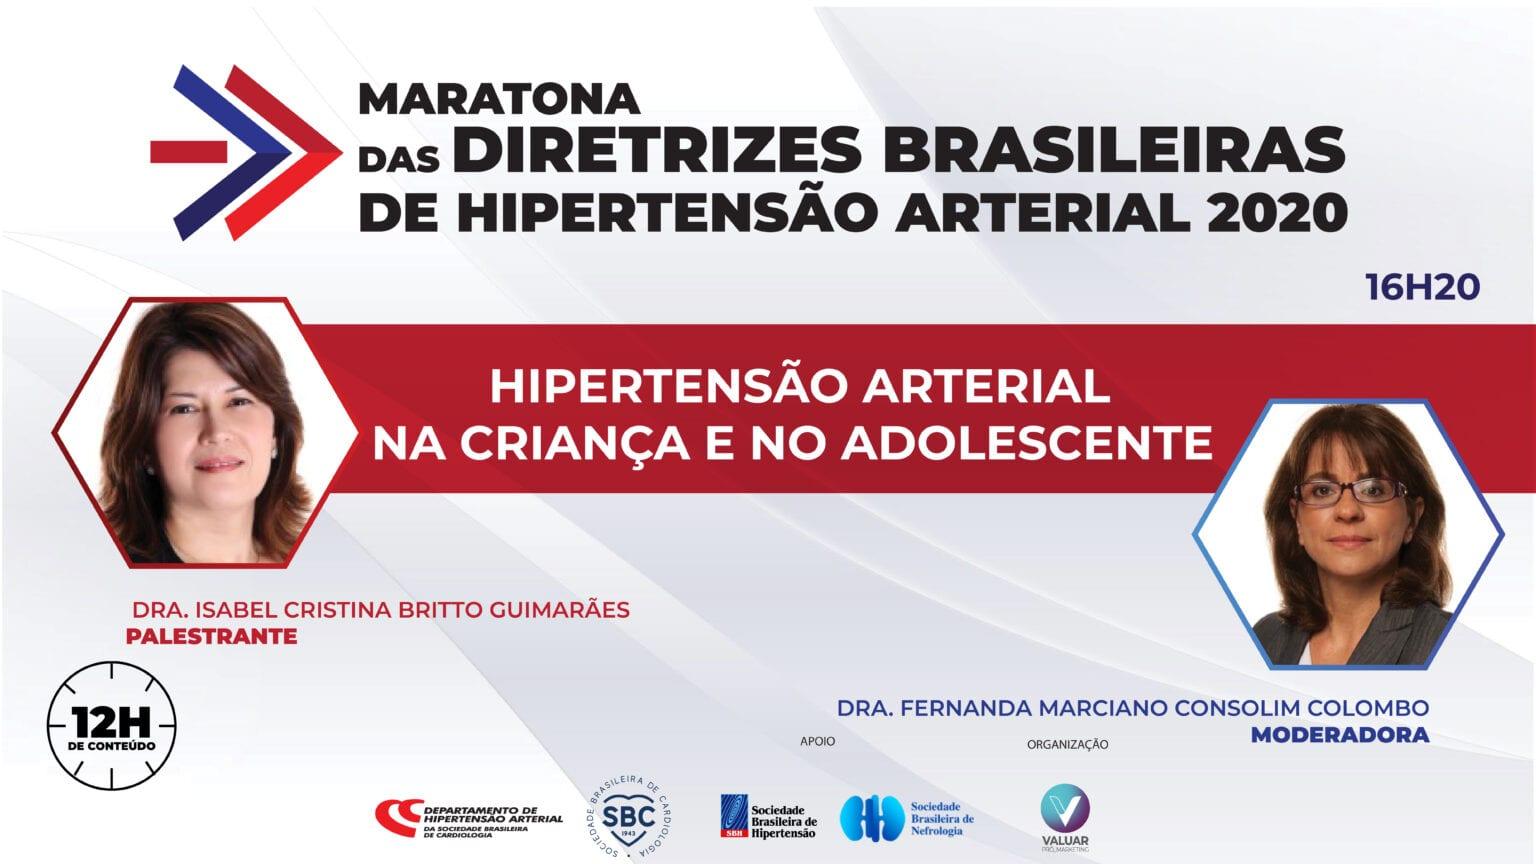 Hipertensão Arterial na Criança e no Adolescente